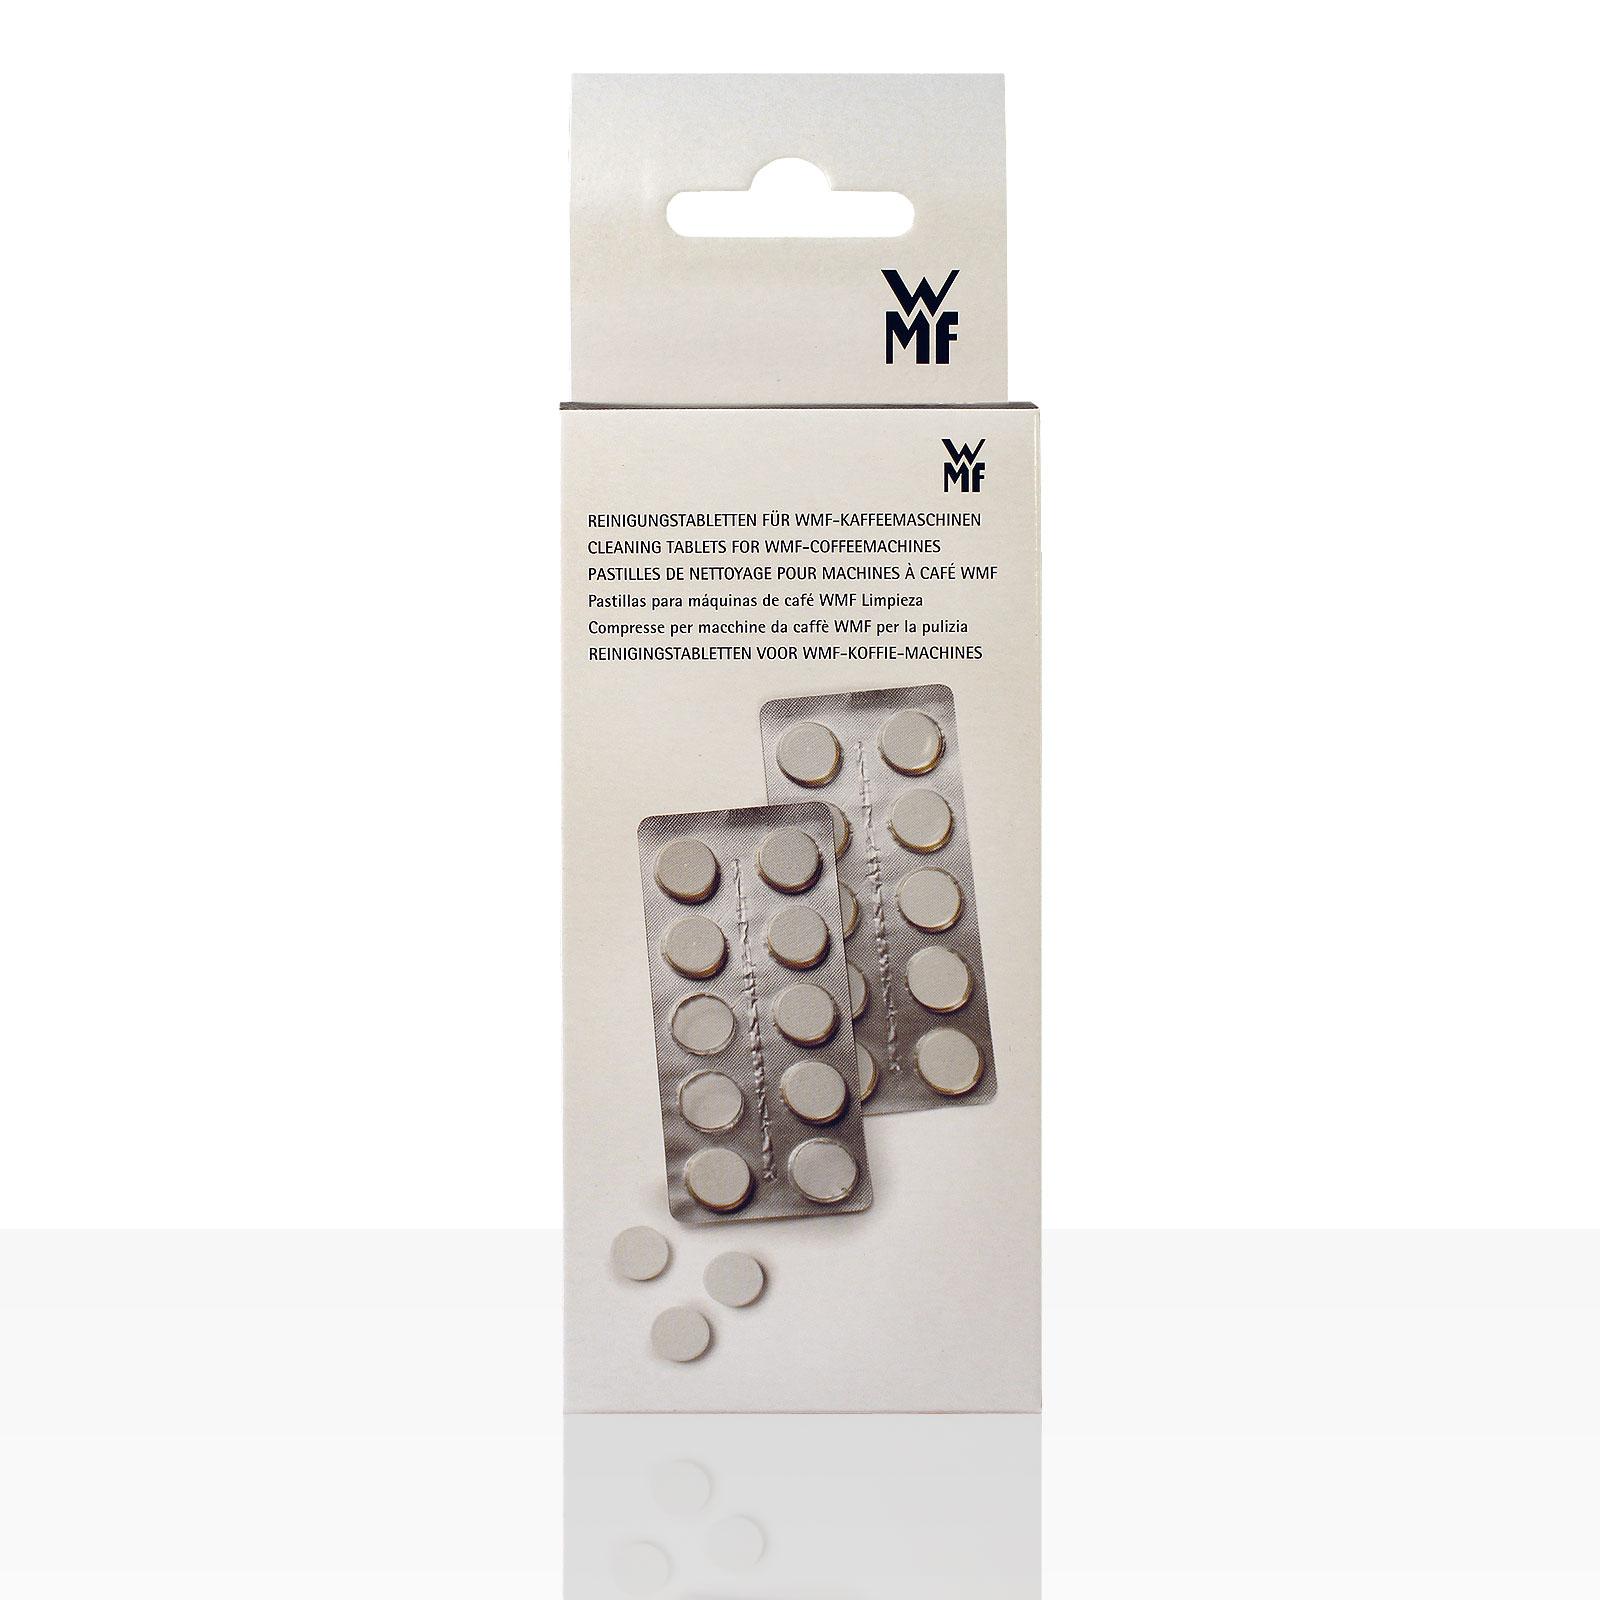 WMF Spezial Reinigungstabletten 20 x 1,3g Blister 1Stk, für Wmf 800, 1000 u.a.